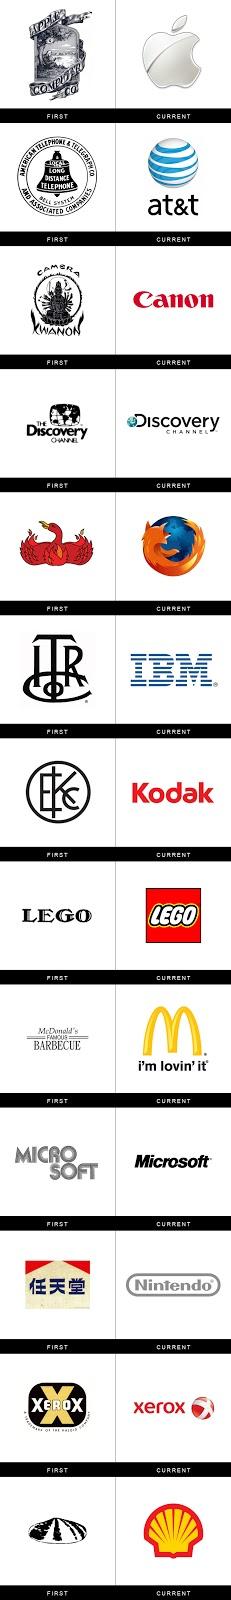 Como é os logotipos de empresas no passado vs hoje